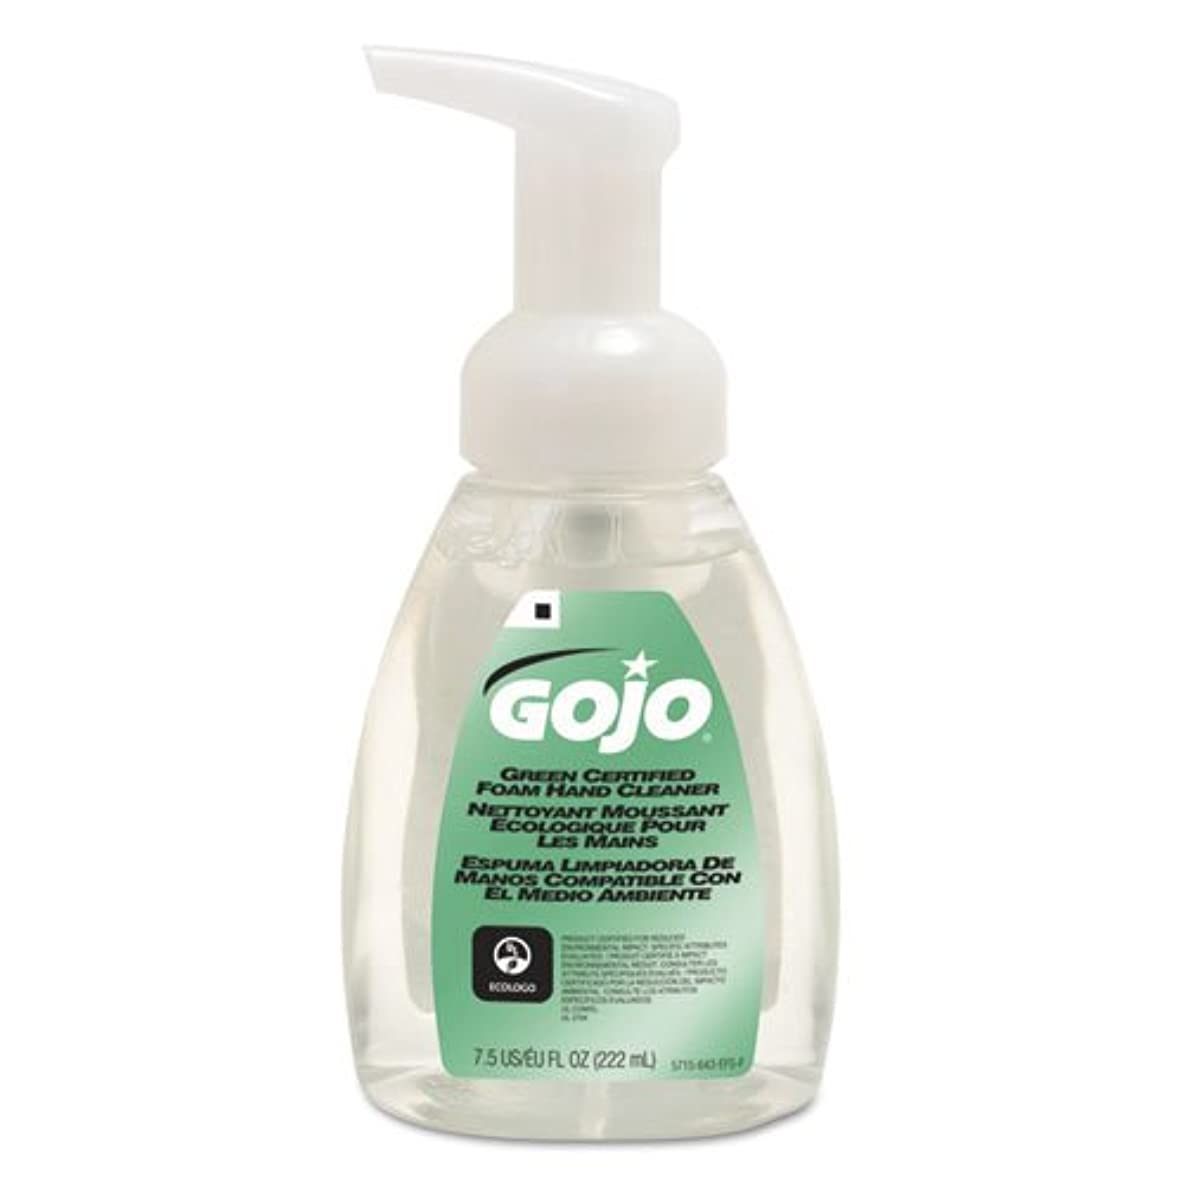 指導する仕事に行く観点goj571506ct – グリーン認定Foam Soap